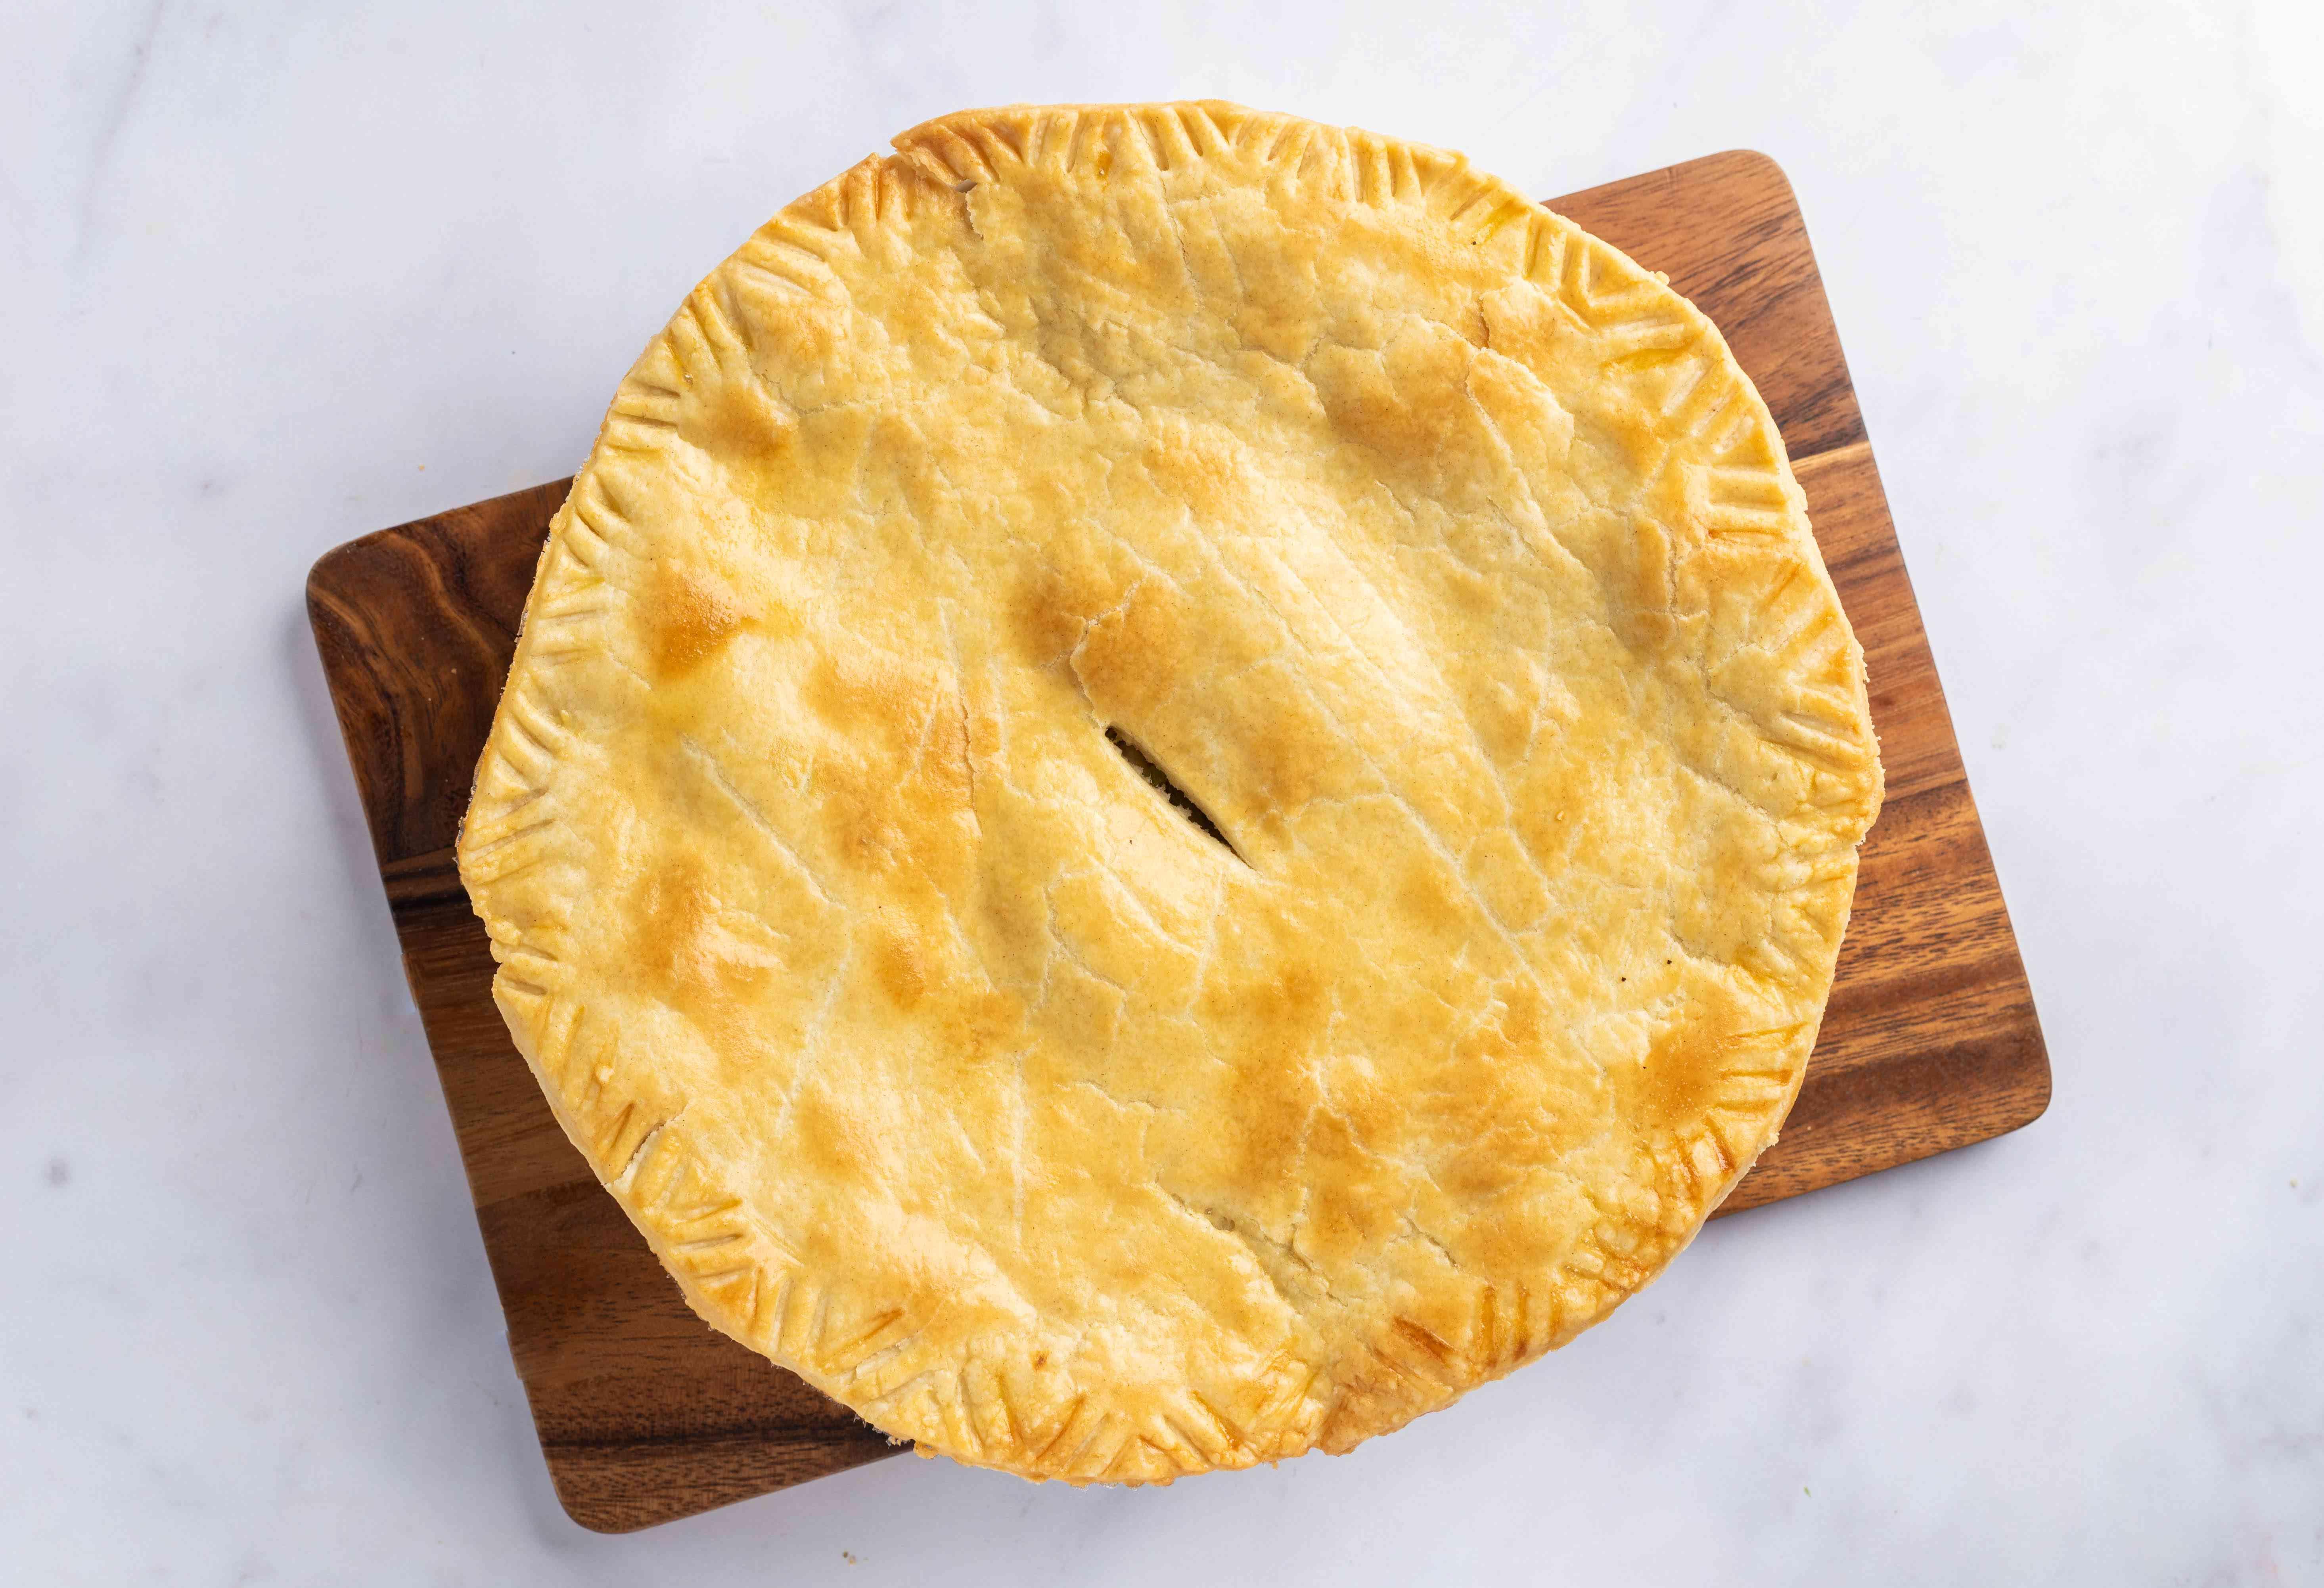 Set pie dish on baking sheet to cool